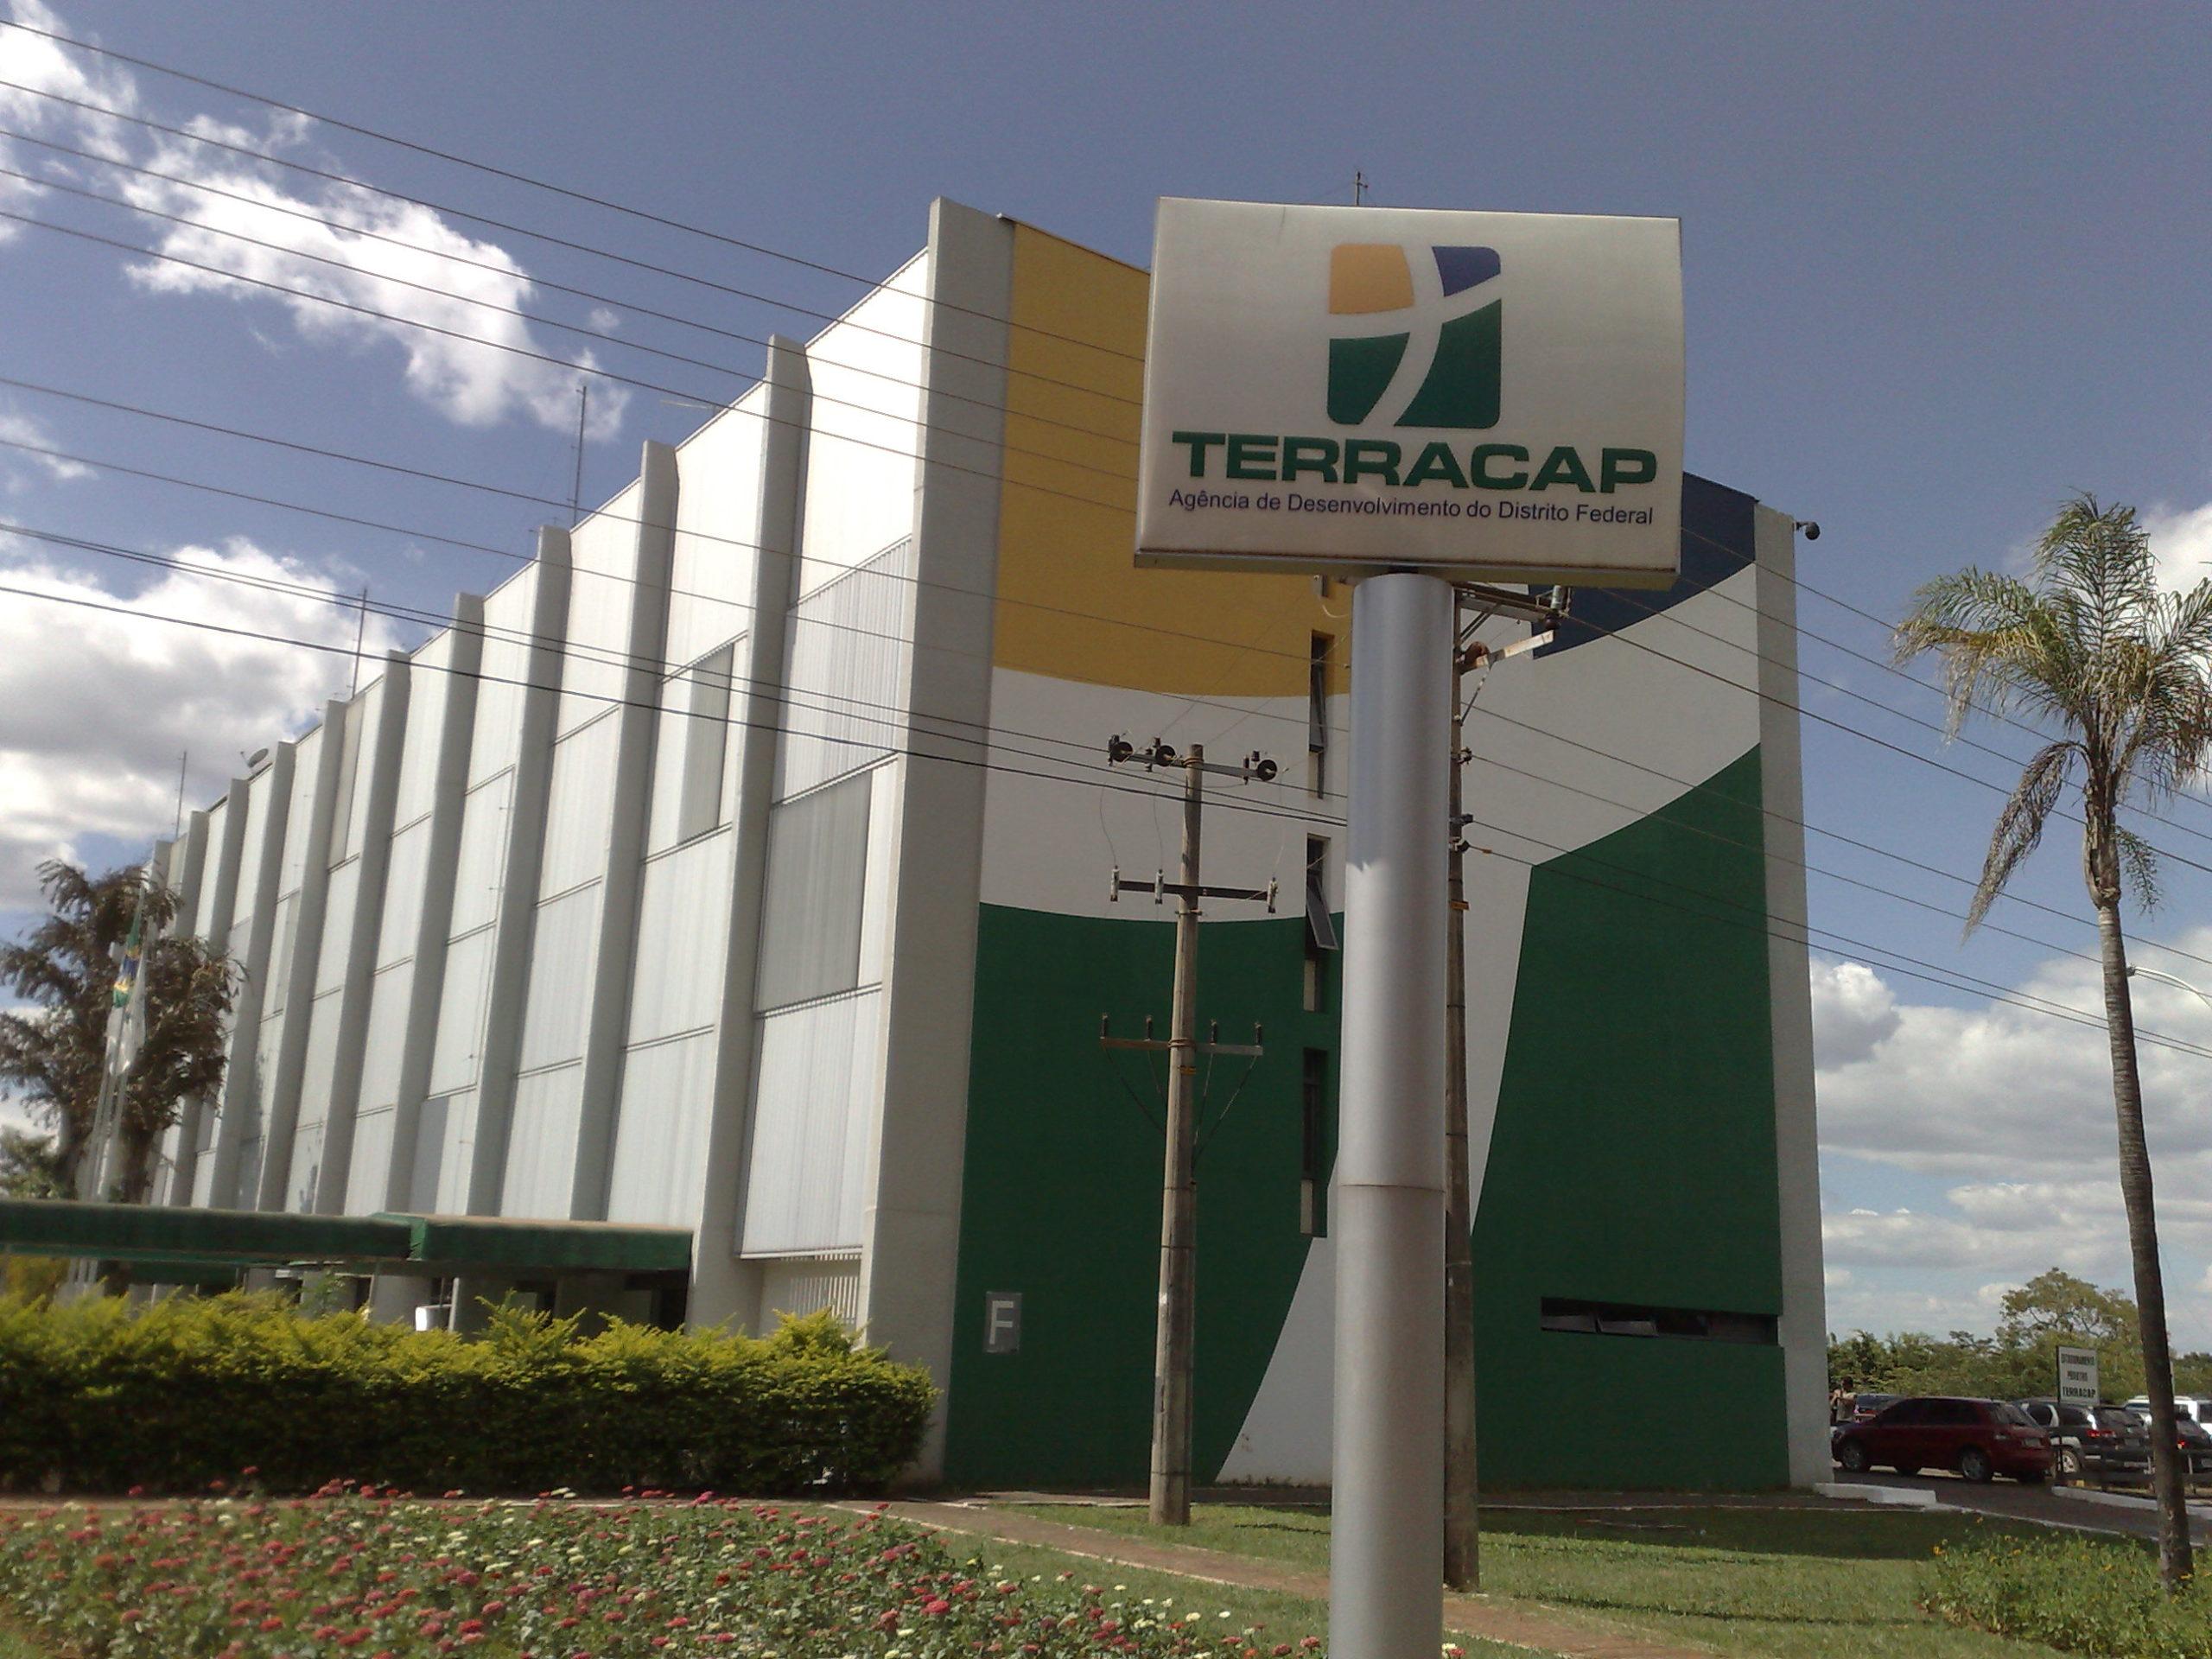 OPORTUNIDADE | Terracap oferece terrenos em diversas cidades do DF por meio de leilão